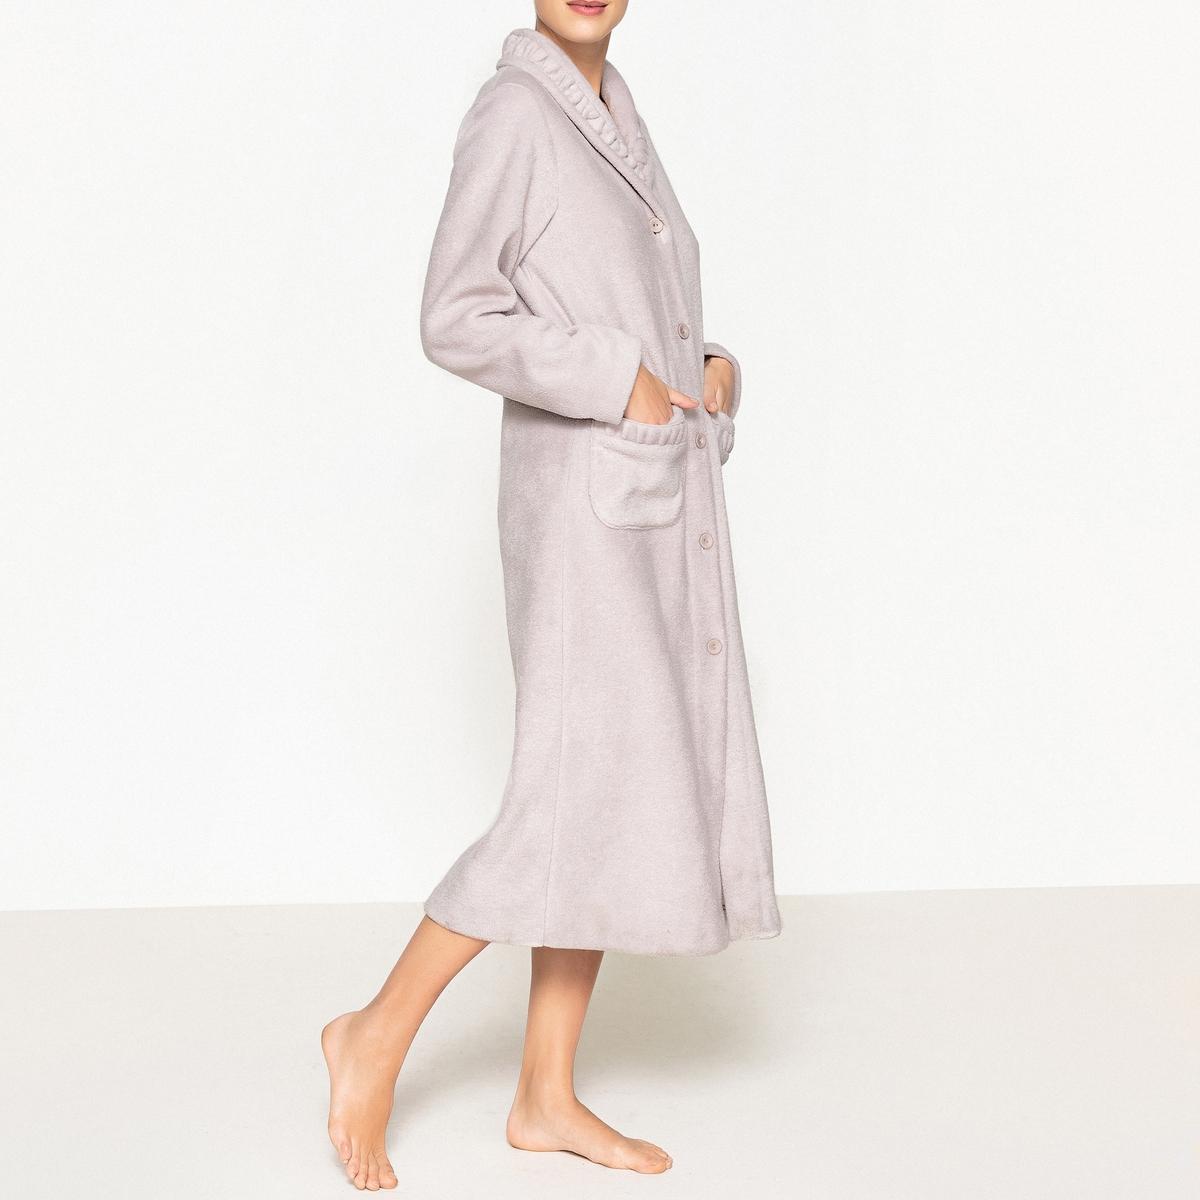 Халат флисовыйХалат из флисового трикотажа, очень мягкий, теплый и приятный в носке.Оригинальные сборки на шалевом воротнике и на 2 передних плоских карманах.Халат с полной передней застежкой на пуговицы. Длина ок. 120 см.Флисовый халат, 100% полиэстера.<br><br>Цвет: синий морской<br>Размер: 50/52 (FR) - 56/58 (RUS).54/56 (FR) - 60/62 (RUS).46/48 (FR) - 52/54 (RUS)